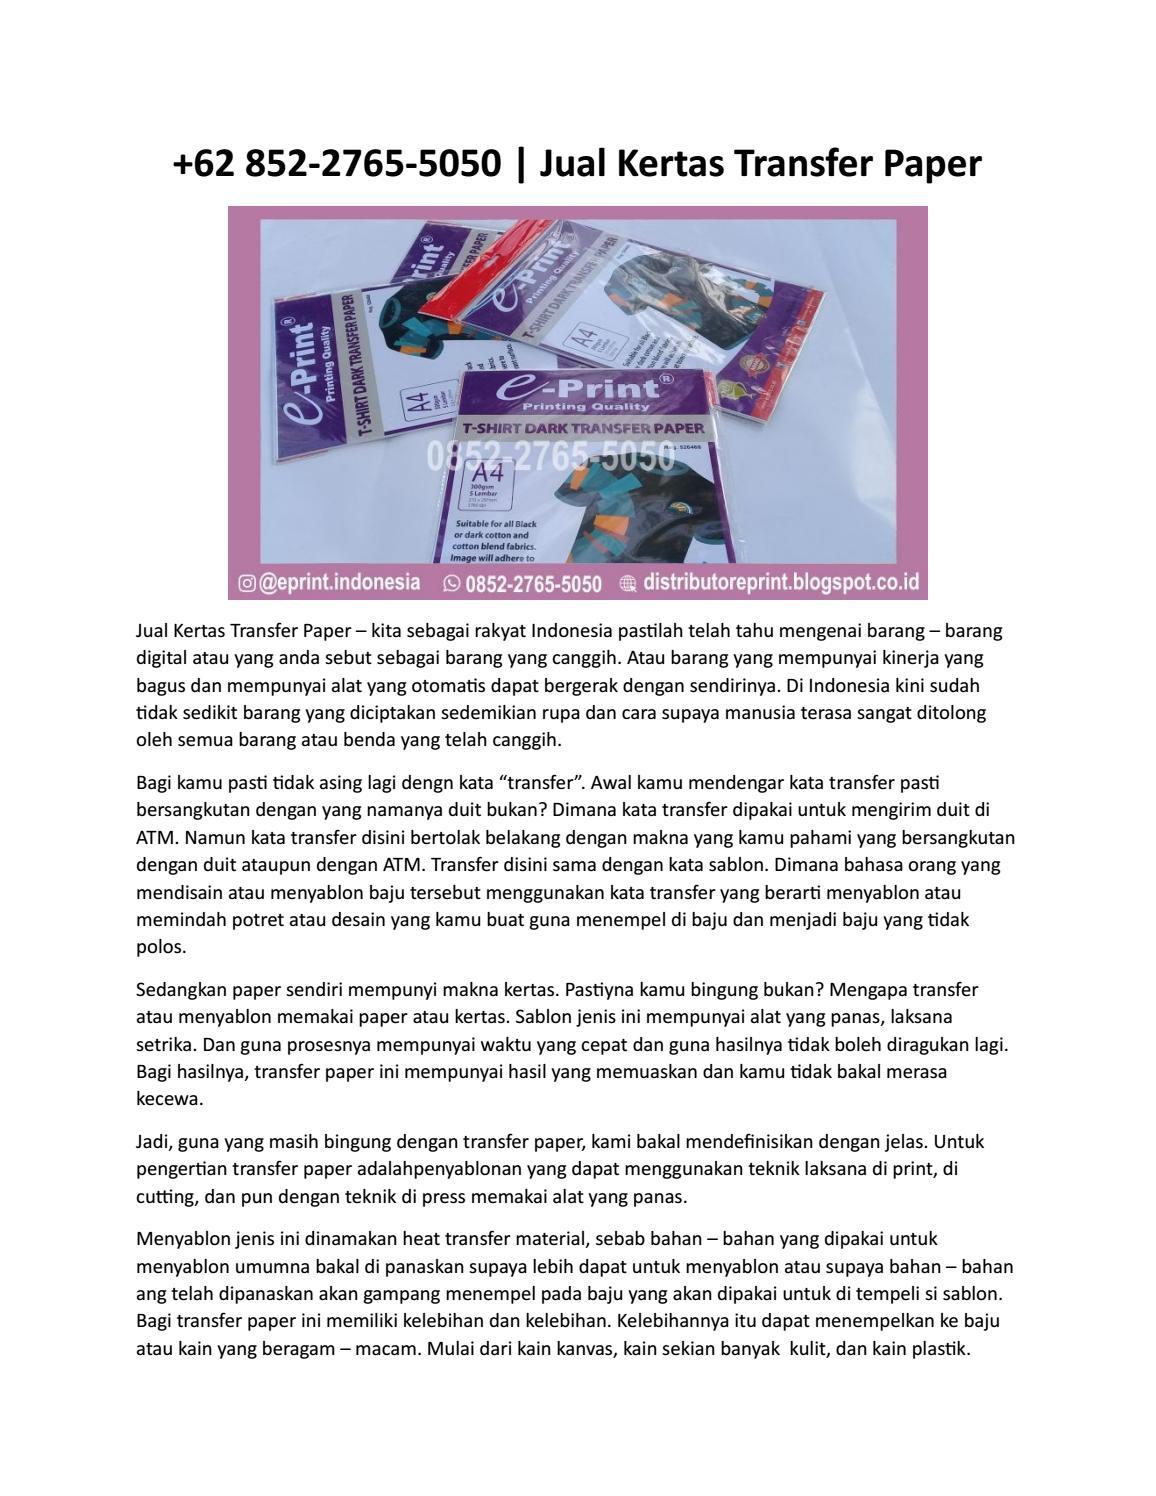 Cara Menggunakan Kertas Transfer Paper : menggunakan, kertas, transfer, paper, 852-2765-5050, Kertas, Transfer, Paper, Eprint, Issuu